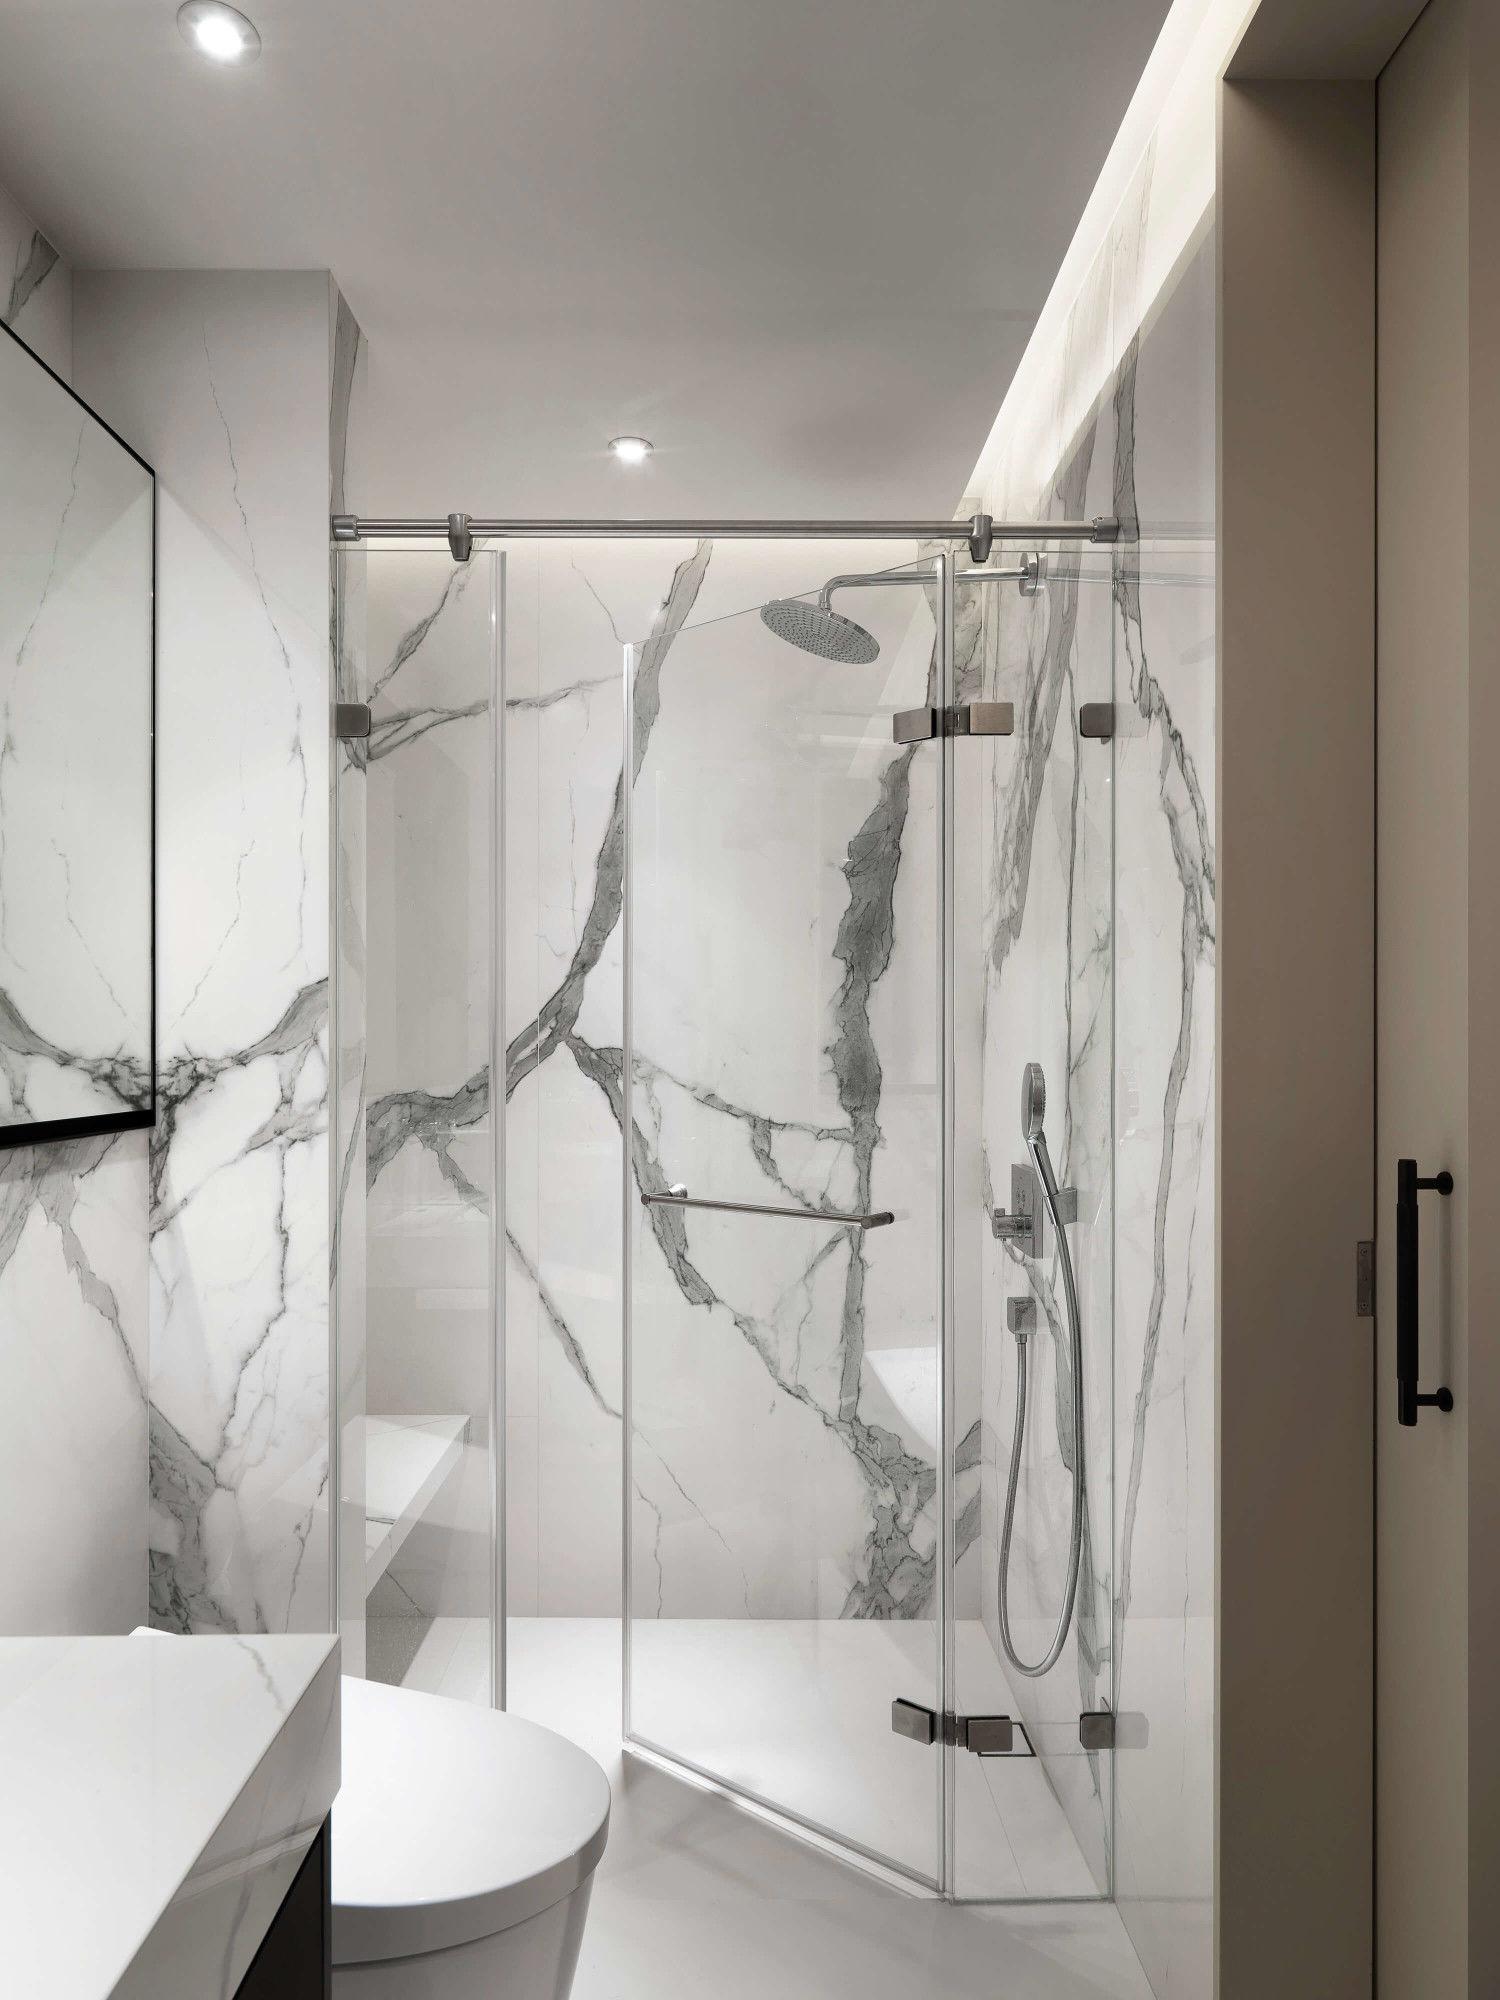 分子室內裝修設計-台中七期現代風格-毛胚衛浴空間、石材薄磚